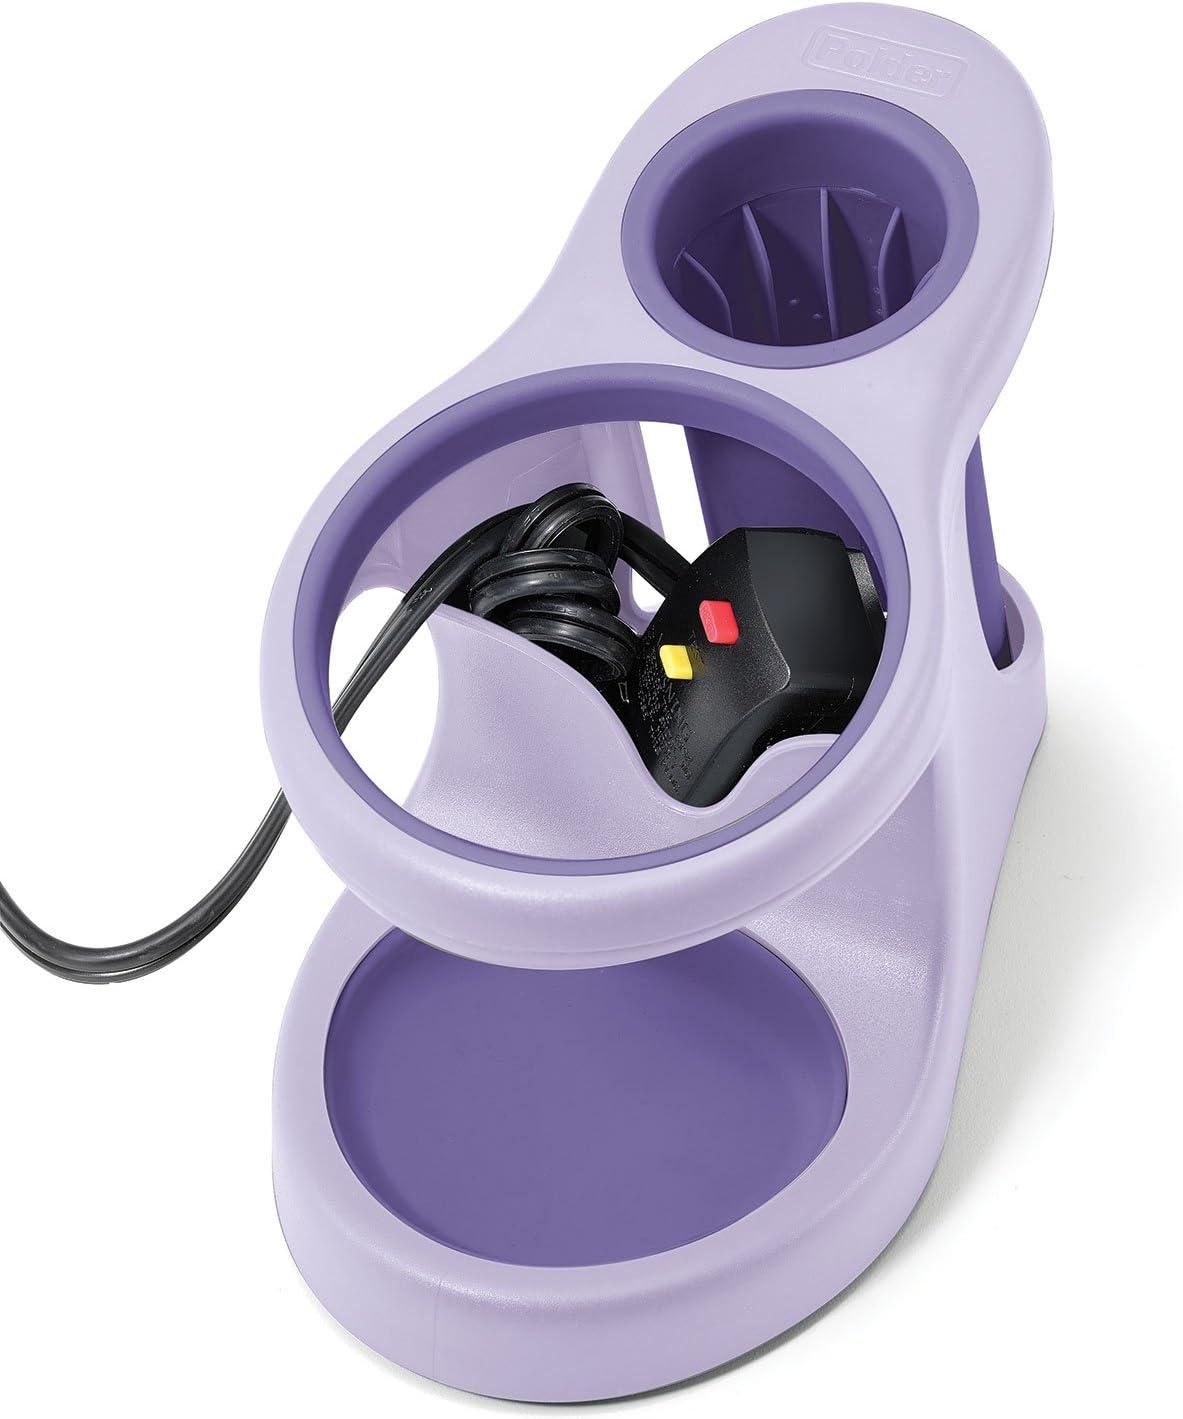 Polder bth-7080/ /126/Style e conservare Accessorio per Il Bagno Purple//Gray